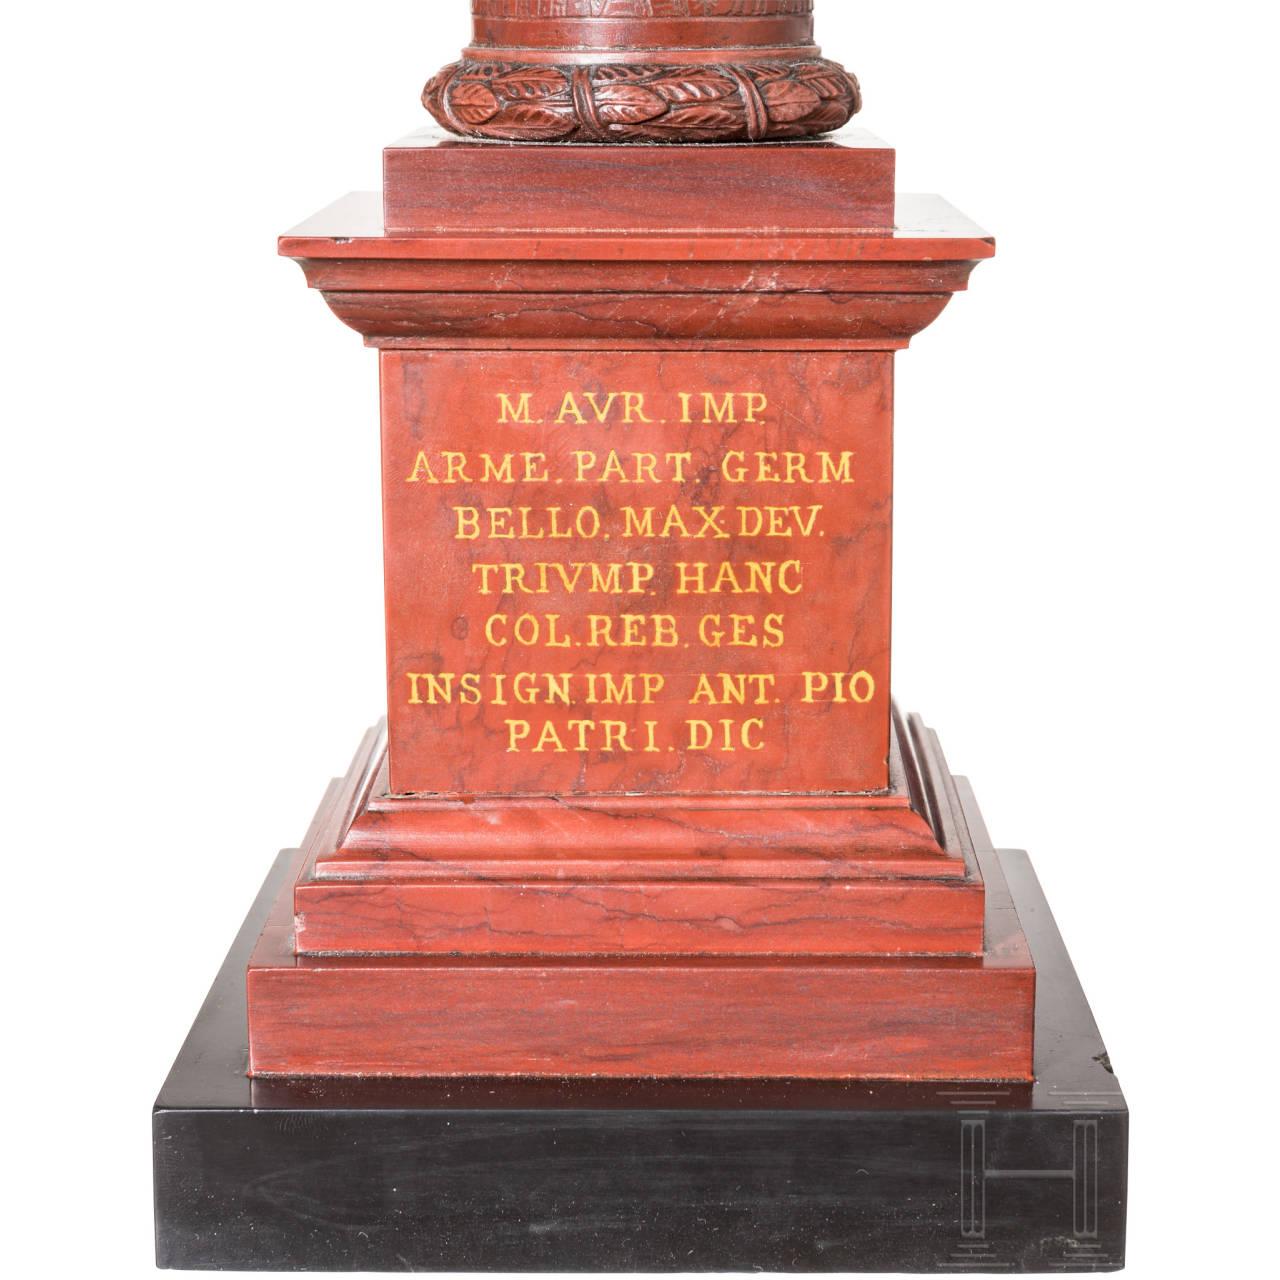 Idealtypische Miniatur der Mark-Aurel-Säule in Rom, Italien, fortgeschrittene 1. Hälfte 19. Jhdt.